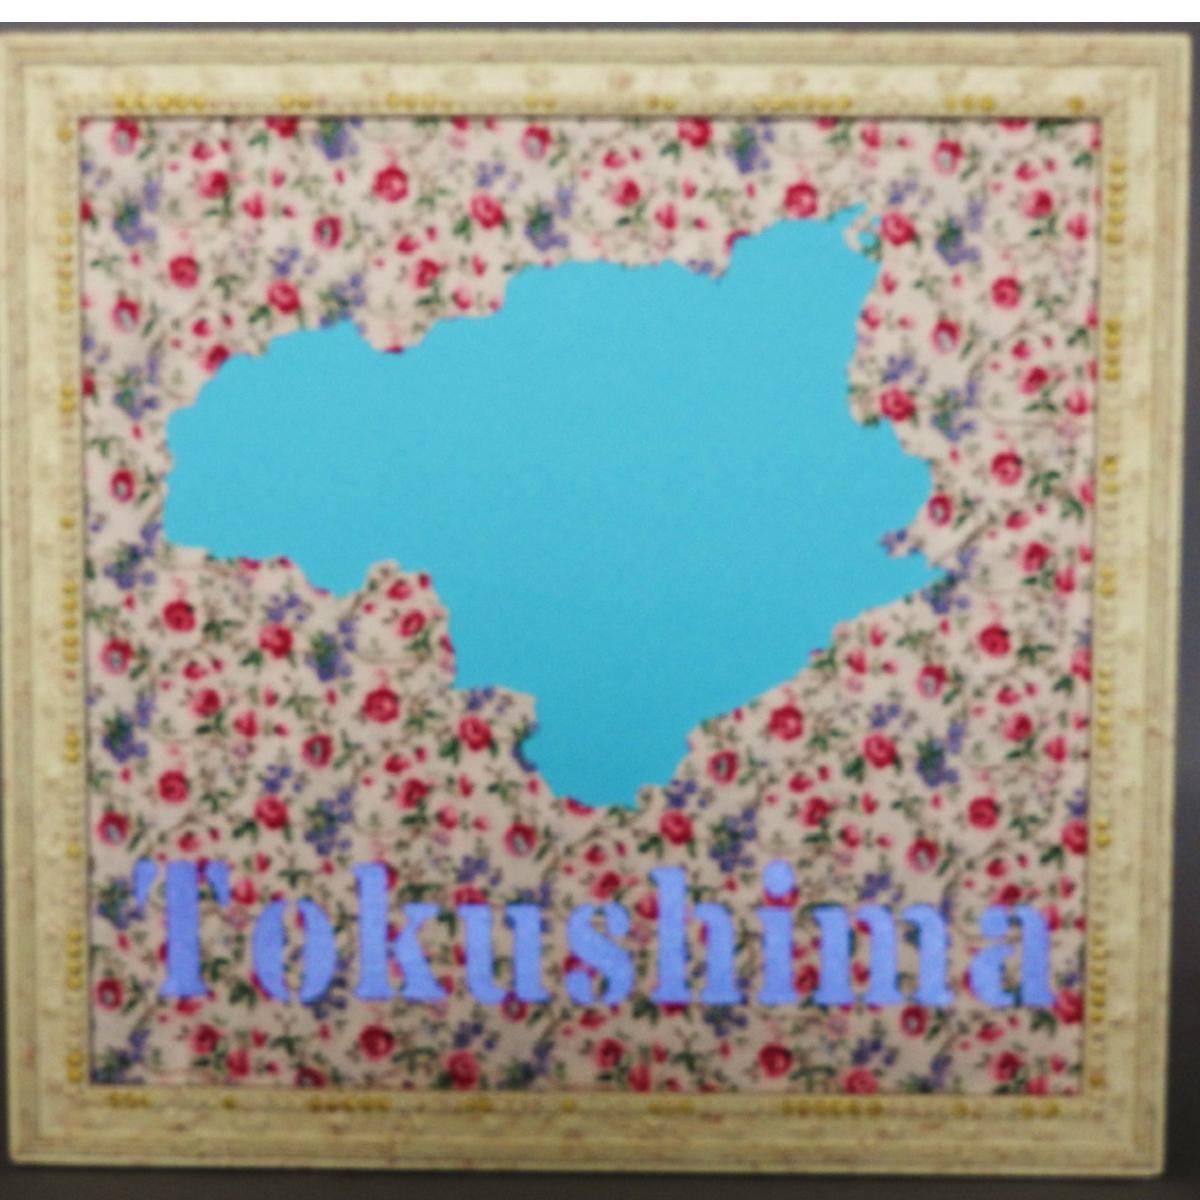 スダチと言えば徳島県。徳島県の地図をモチーフにした壁飾りです。220mmの正方形です。